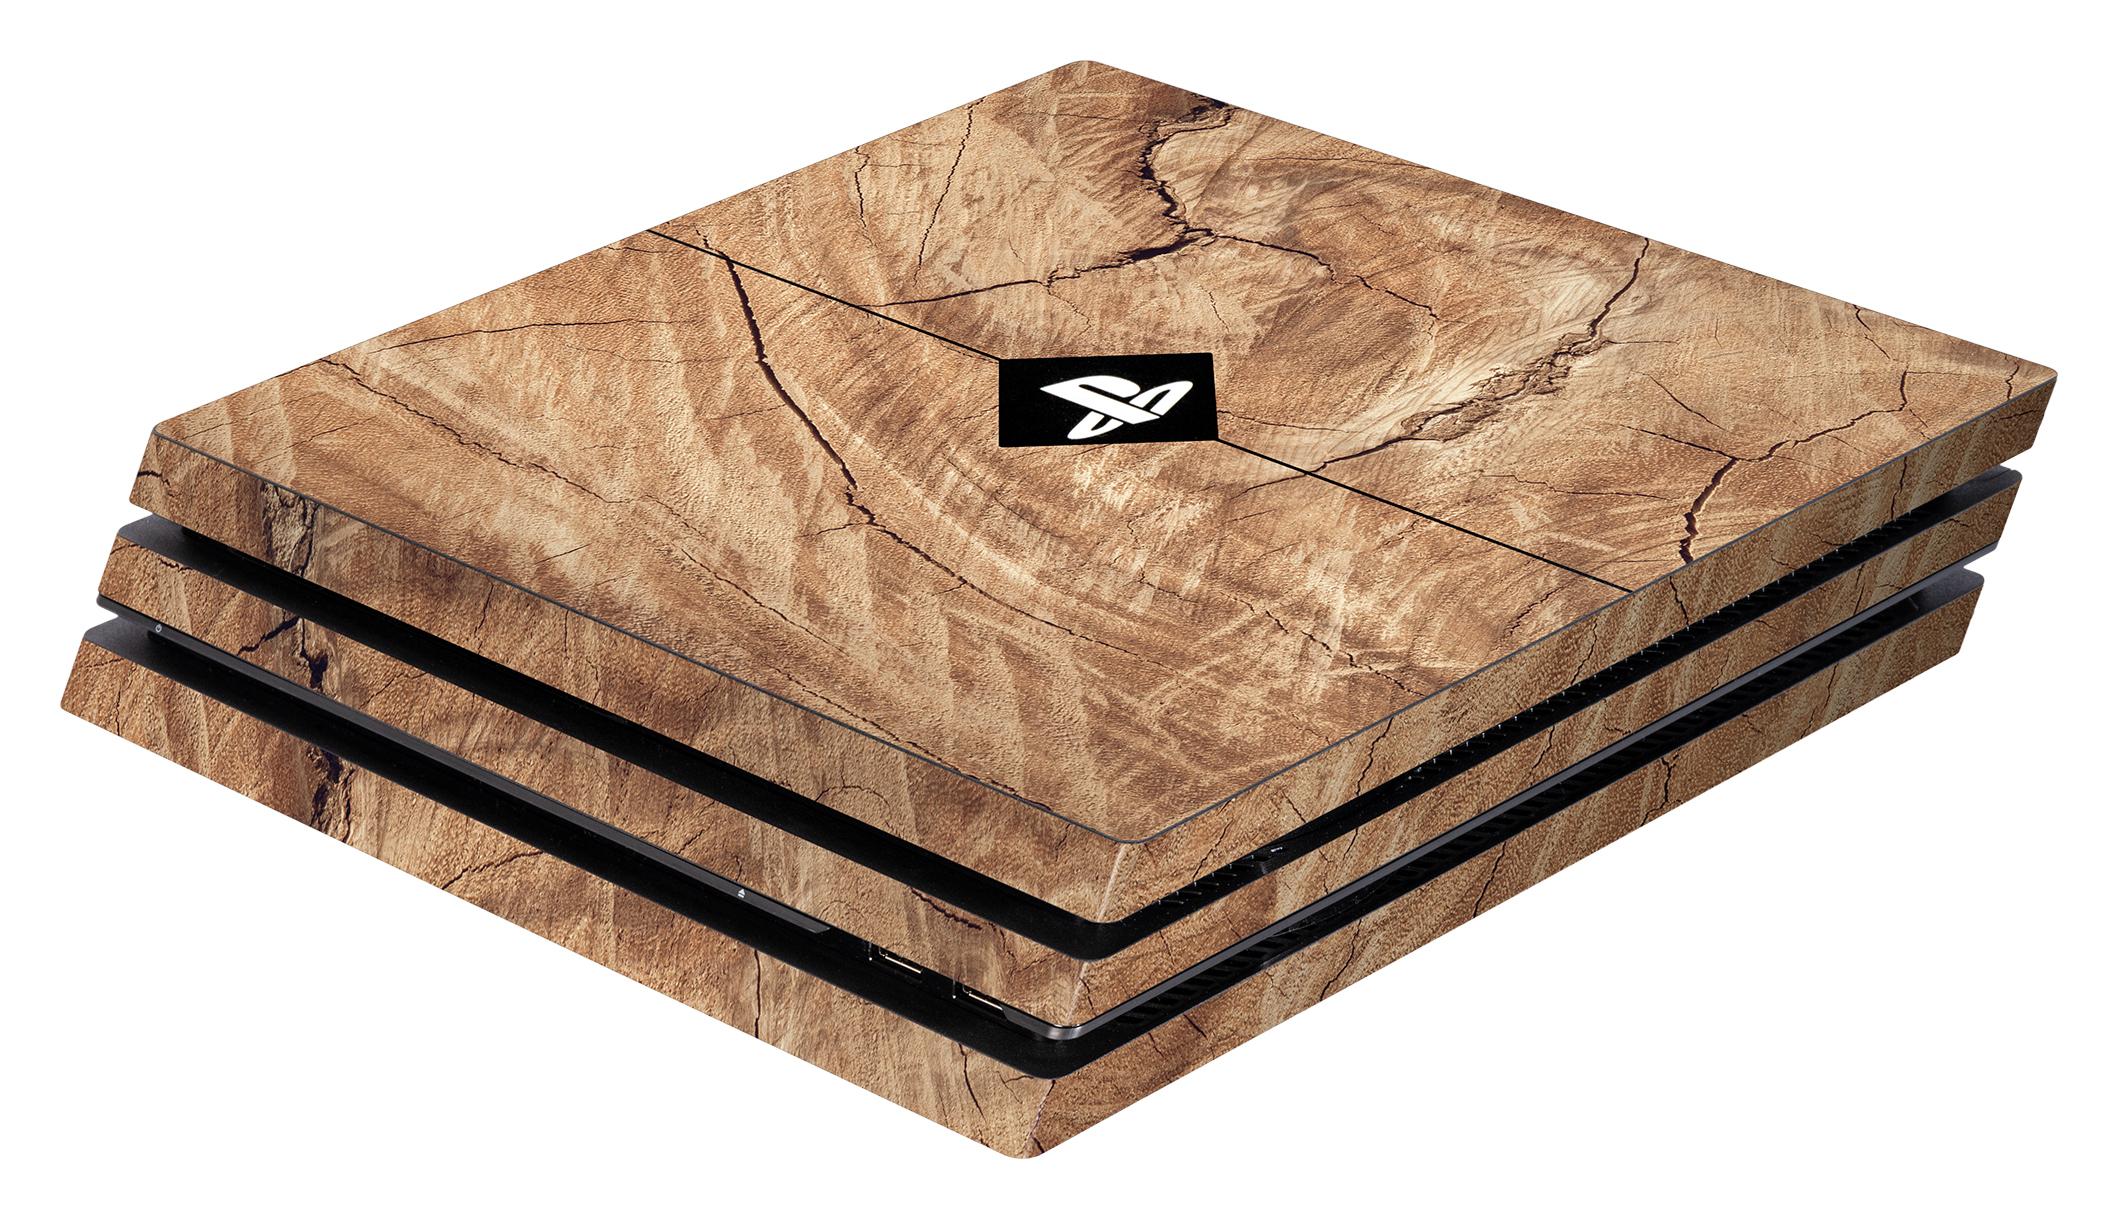 Skins - Sticker für PlayStation 4 Pro Konsole (Wood)